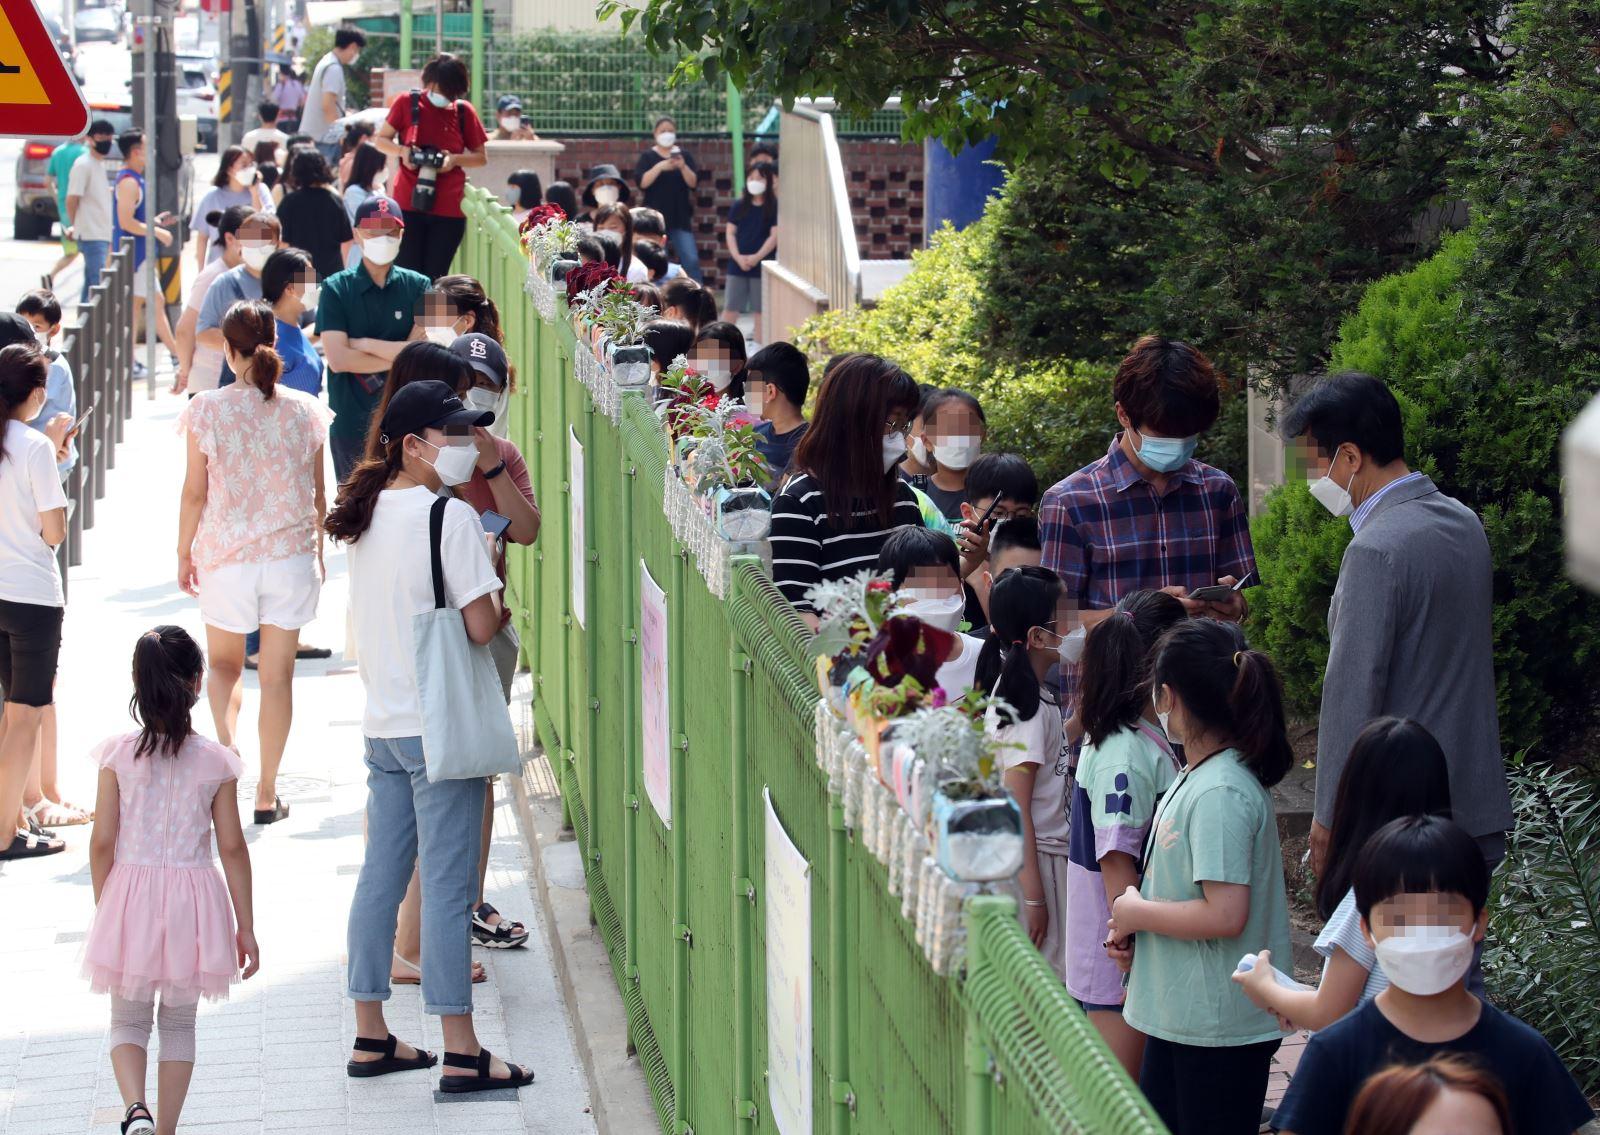 Học sinh tiểu học xếp hàng chờ xét nghiệm COVID-19 tại Joongnang, Hàn Quốc, ngày 5-7-2020. Ảnh: Yonhap/TTXVN